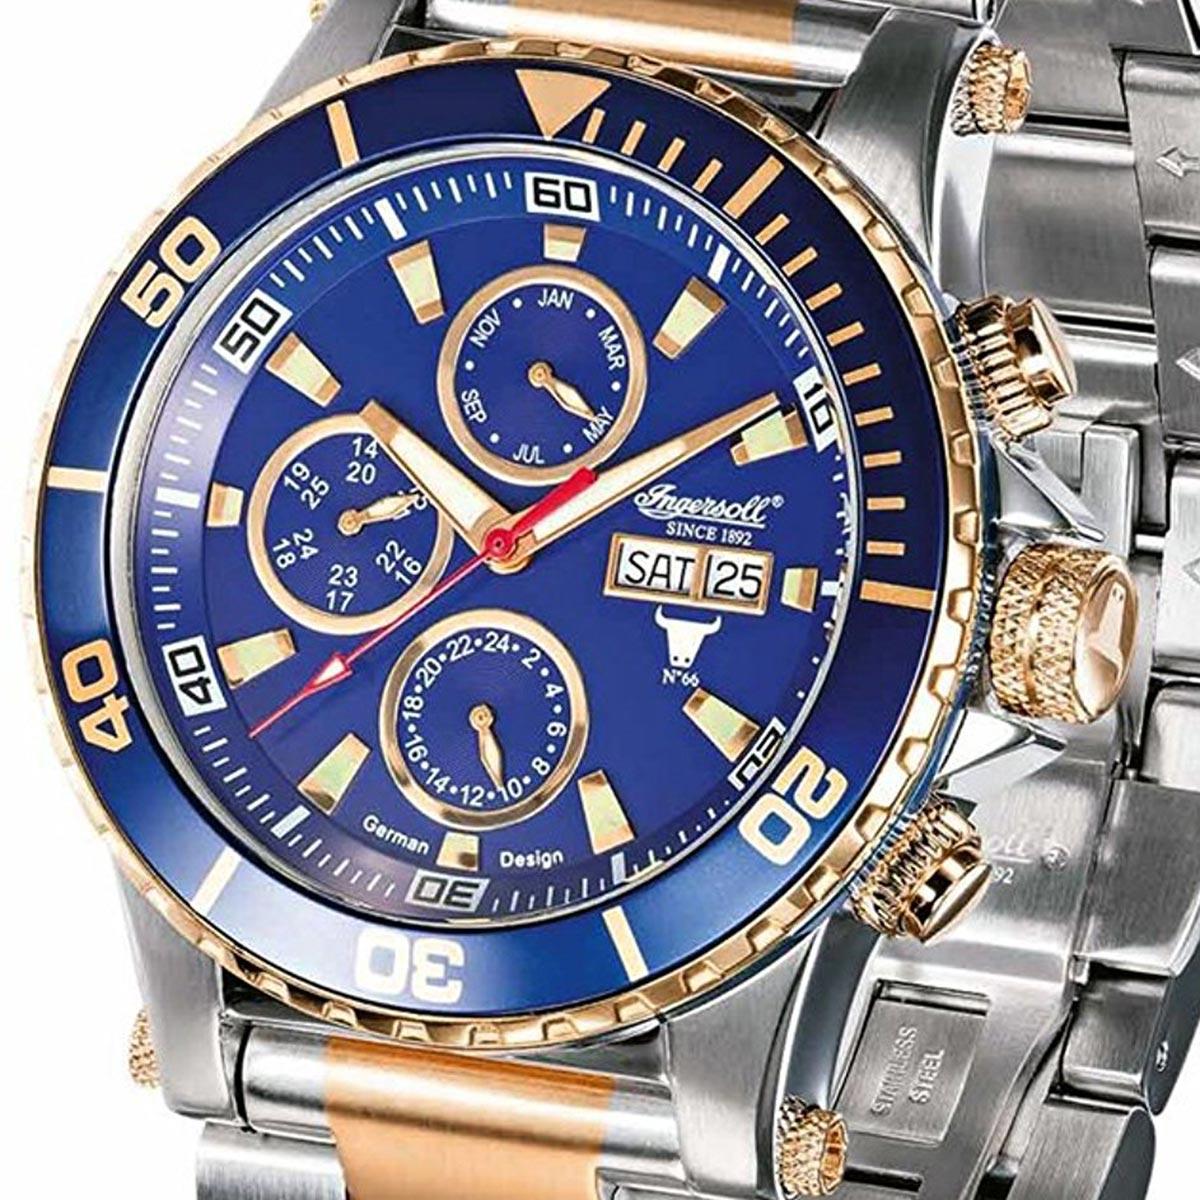 【残り1点】Ingeresoll インガーソル/インガソール 自動巻き 腕時計 [IN1511BLMB] 並行輸入品 純正ケース メーカー保証24ヶ月